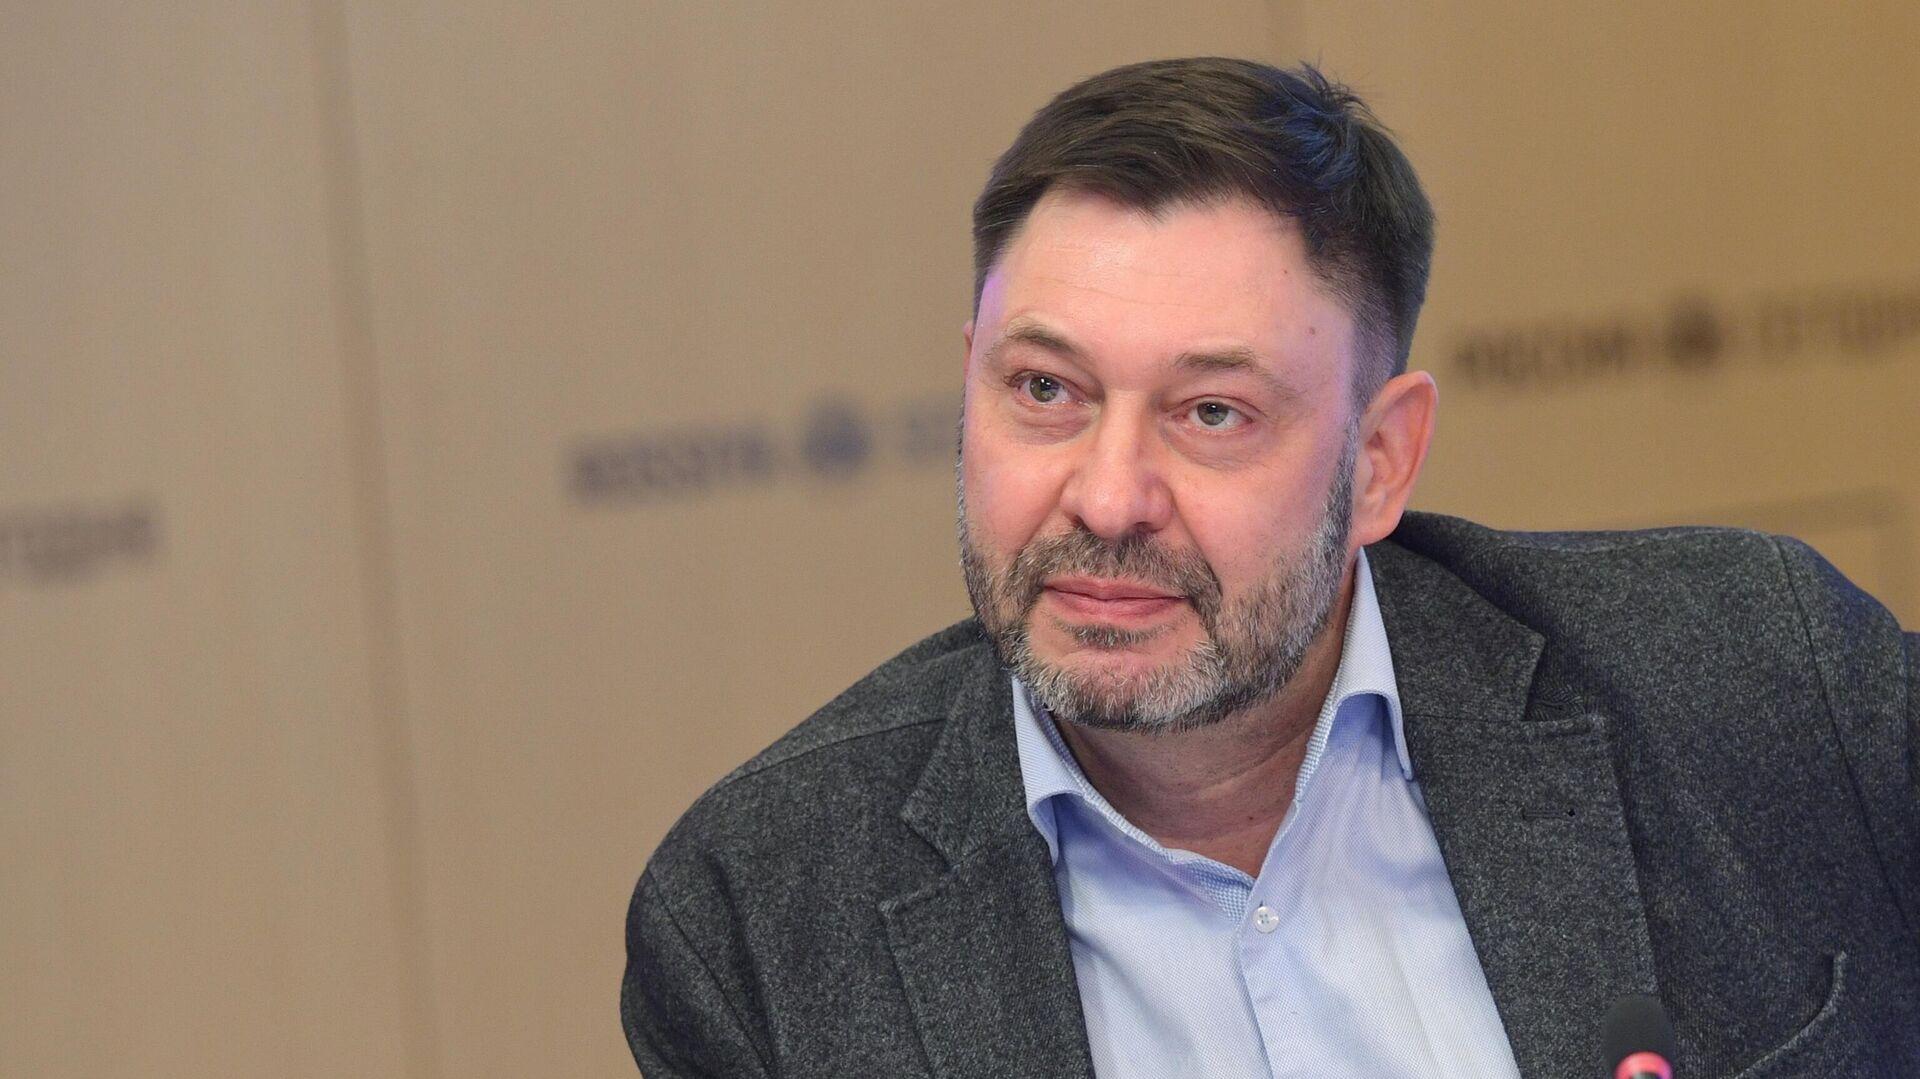 """Слуцкий назвал """"Крымскую платформу"""" очередной мертворожденной инициативой"""